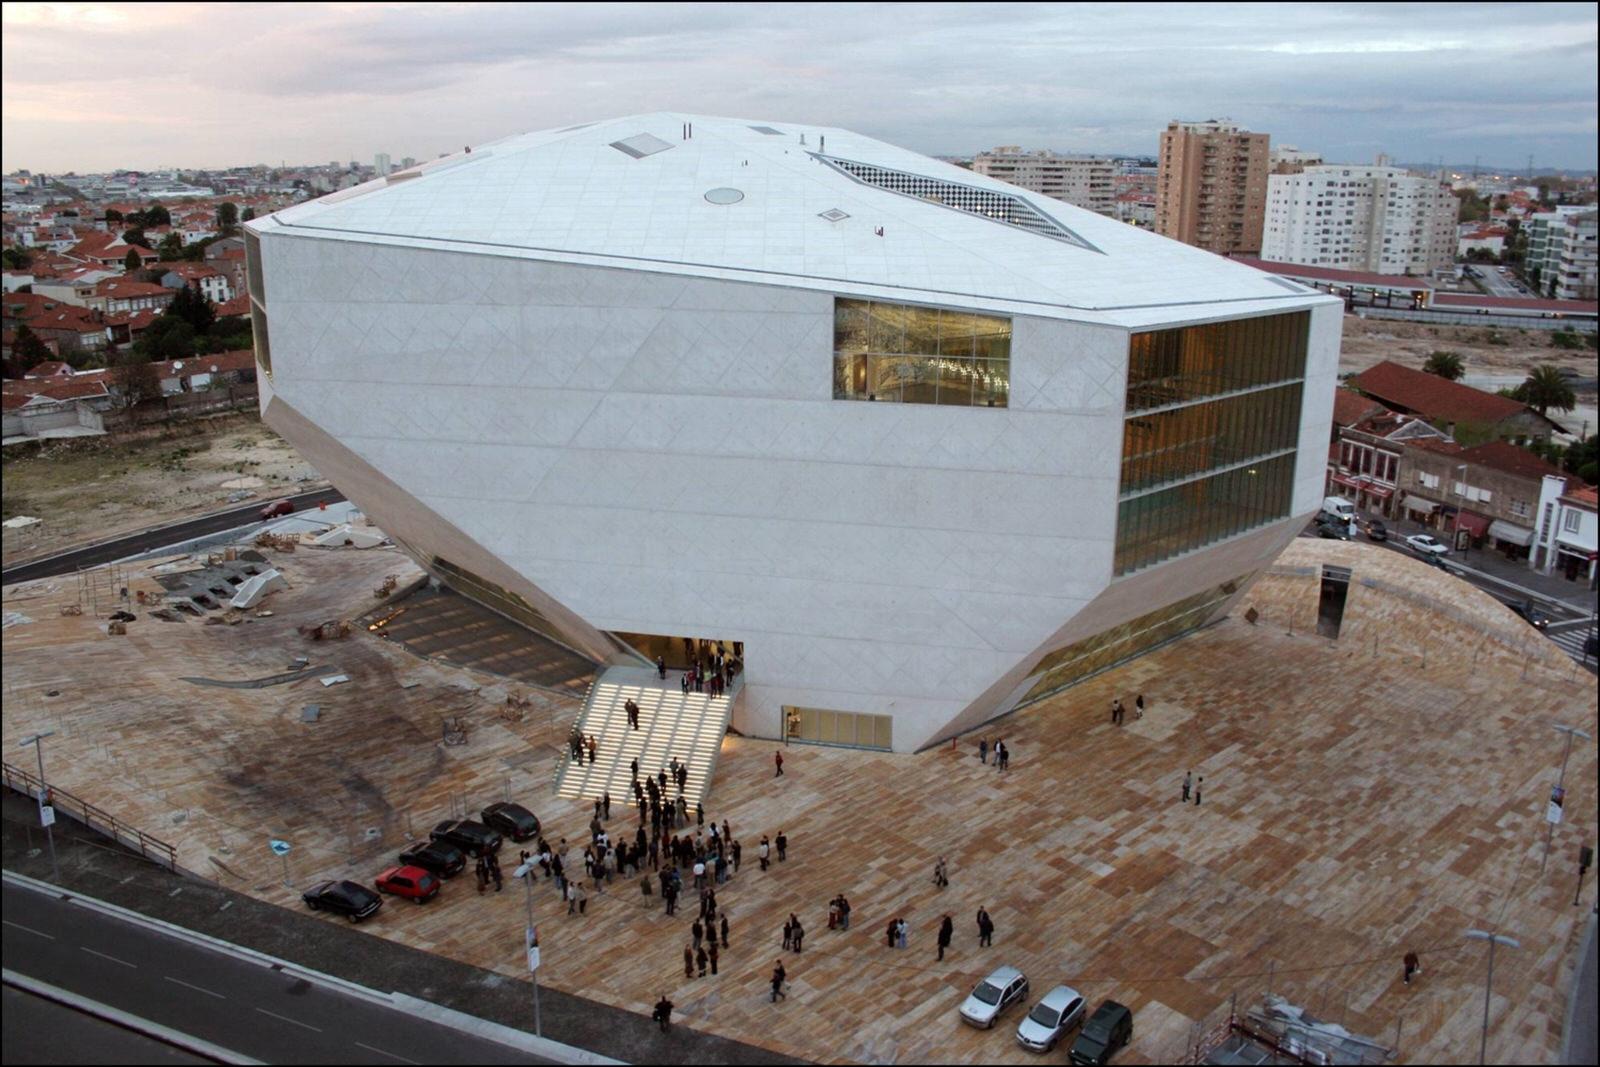 Las mejores obras del arquitecto rem koolhaas timberplan - Casa de la musica oporto ...